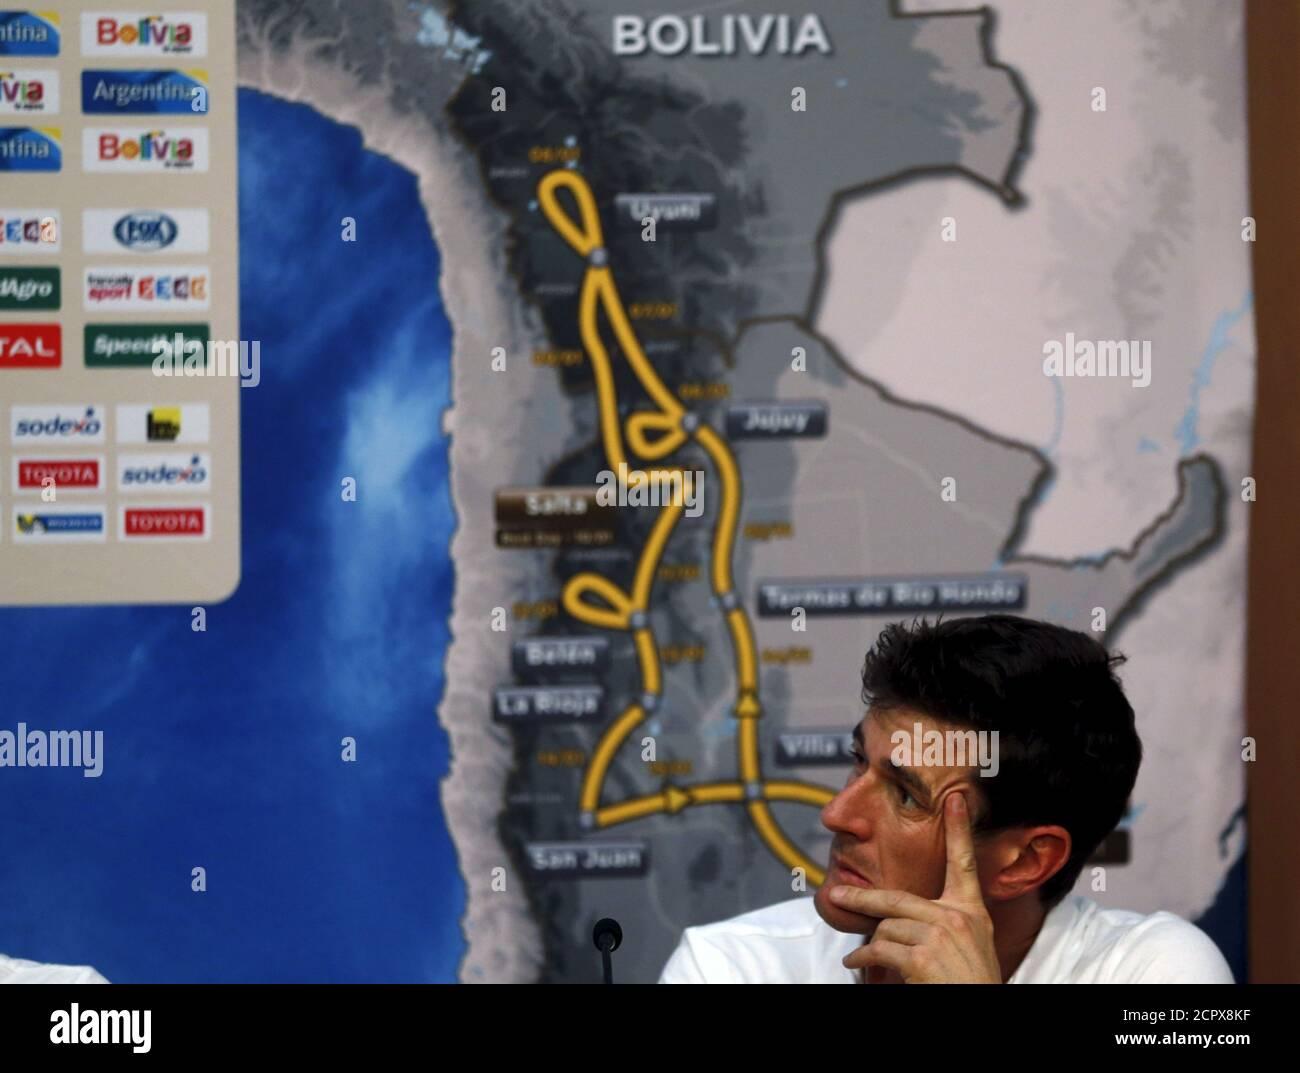 Marc Coma, direttore sportivo del Rally di Dakar, partecipa ad una conferenza stampa in vista del Rally di Dakar 2016 a Buenos Aires, Argentina, 31 dicembre 2015. REUTERS/Marcos Brindicci Foto Stock